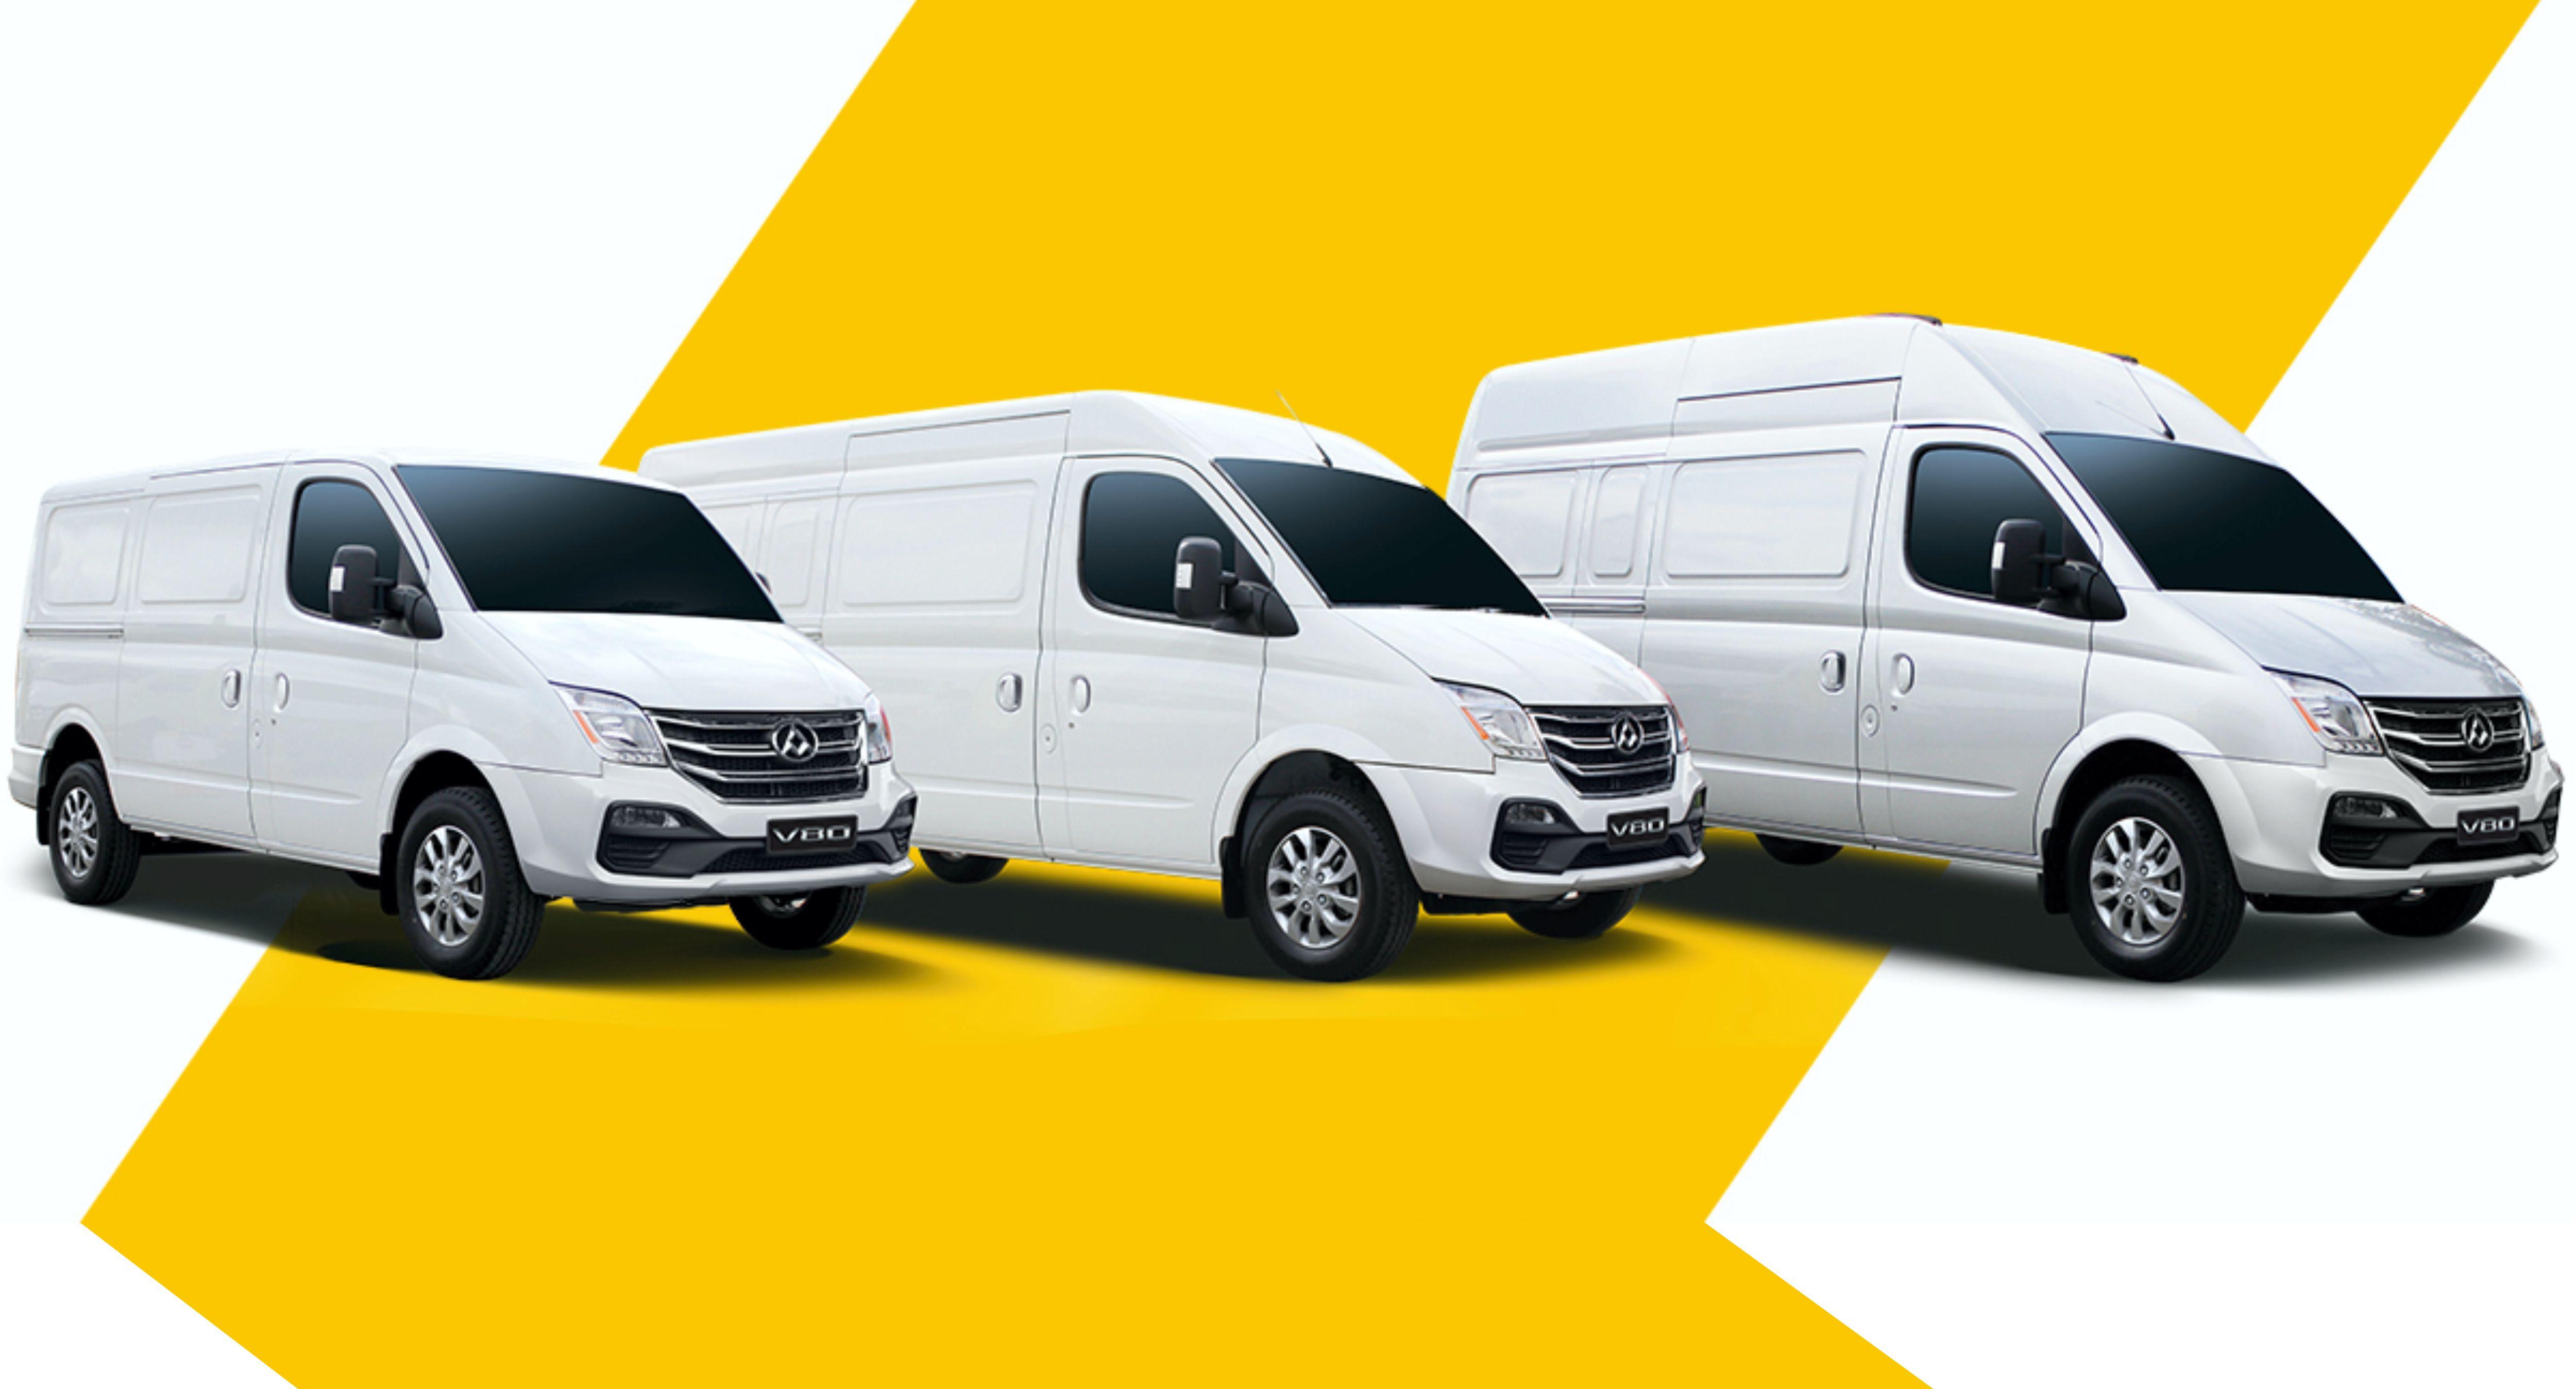 modelos de furgonetas maxus v80